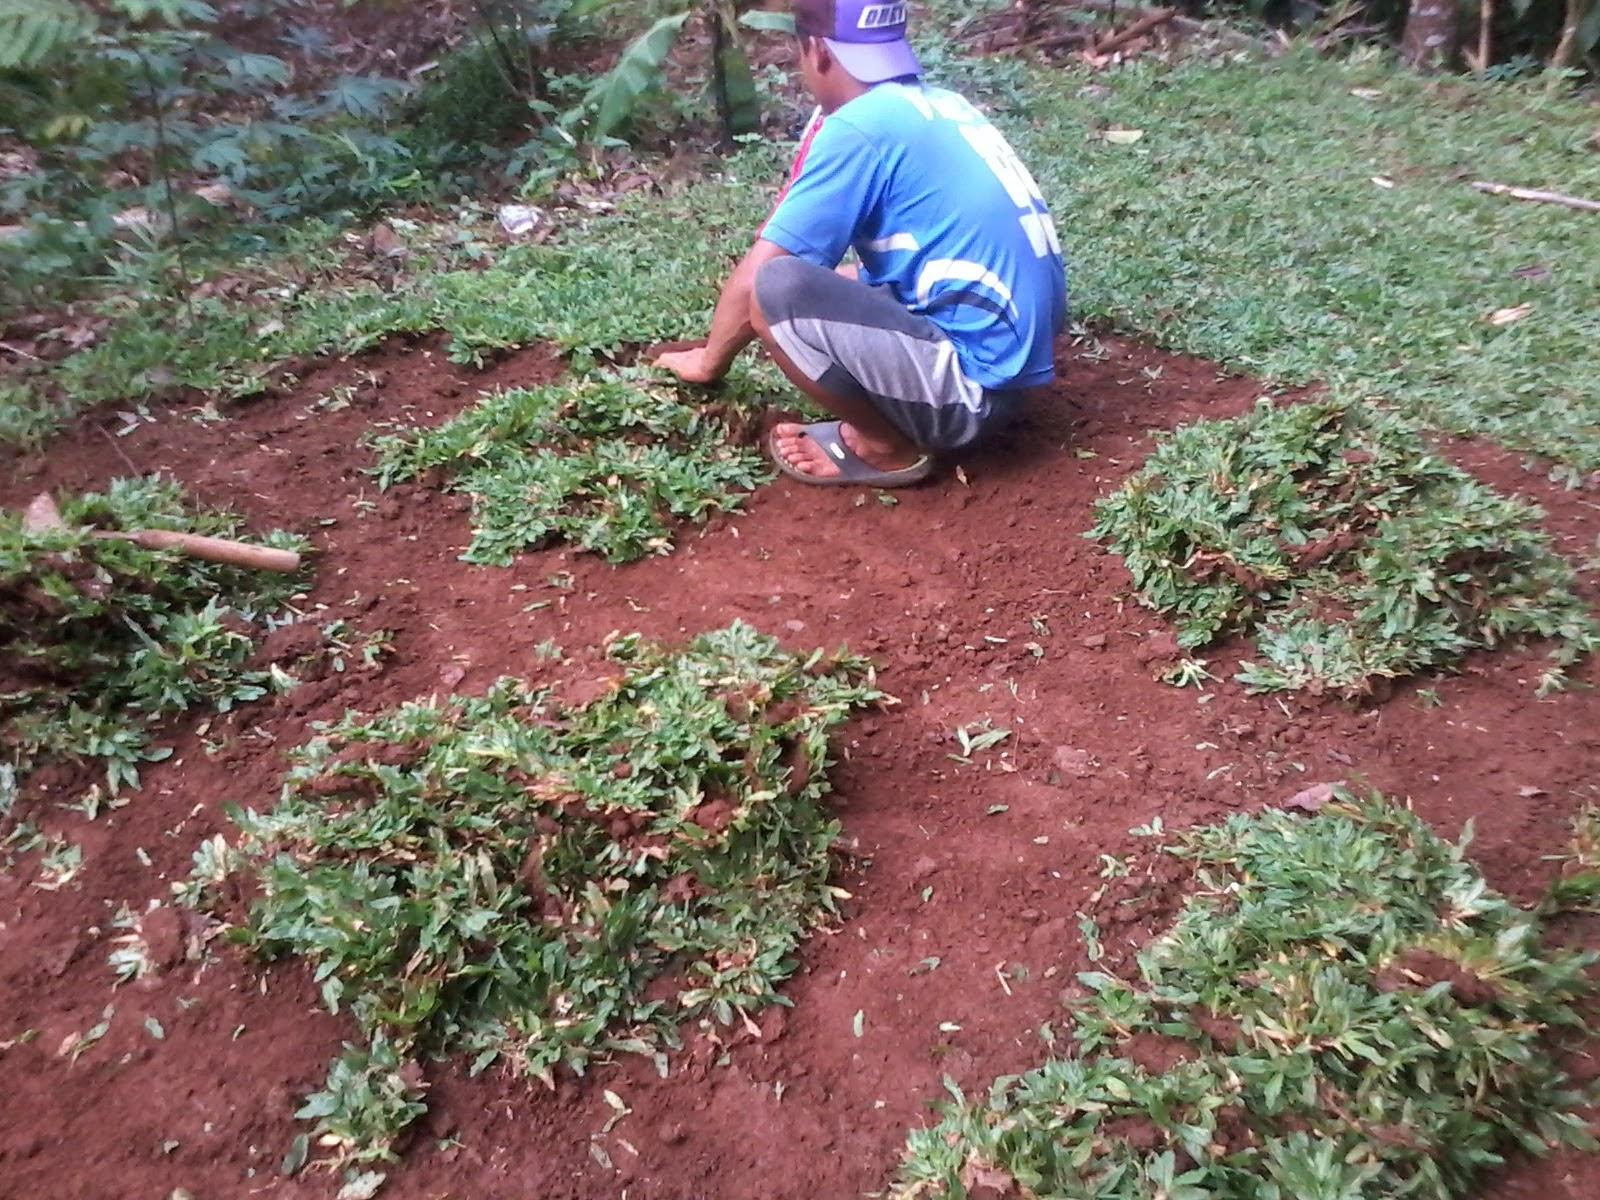 Penjual rumput gajah mini sekaligus jasa penanaman | menyediakan media tanam untuk rumput dan tanaman hias untuk taman